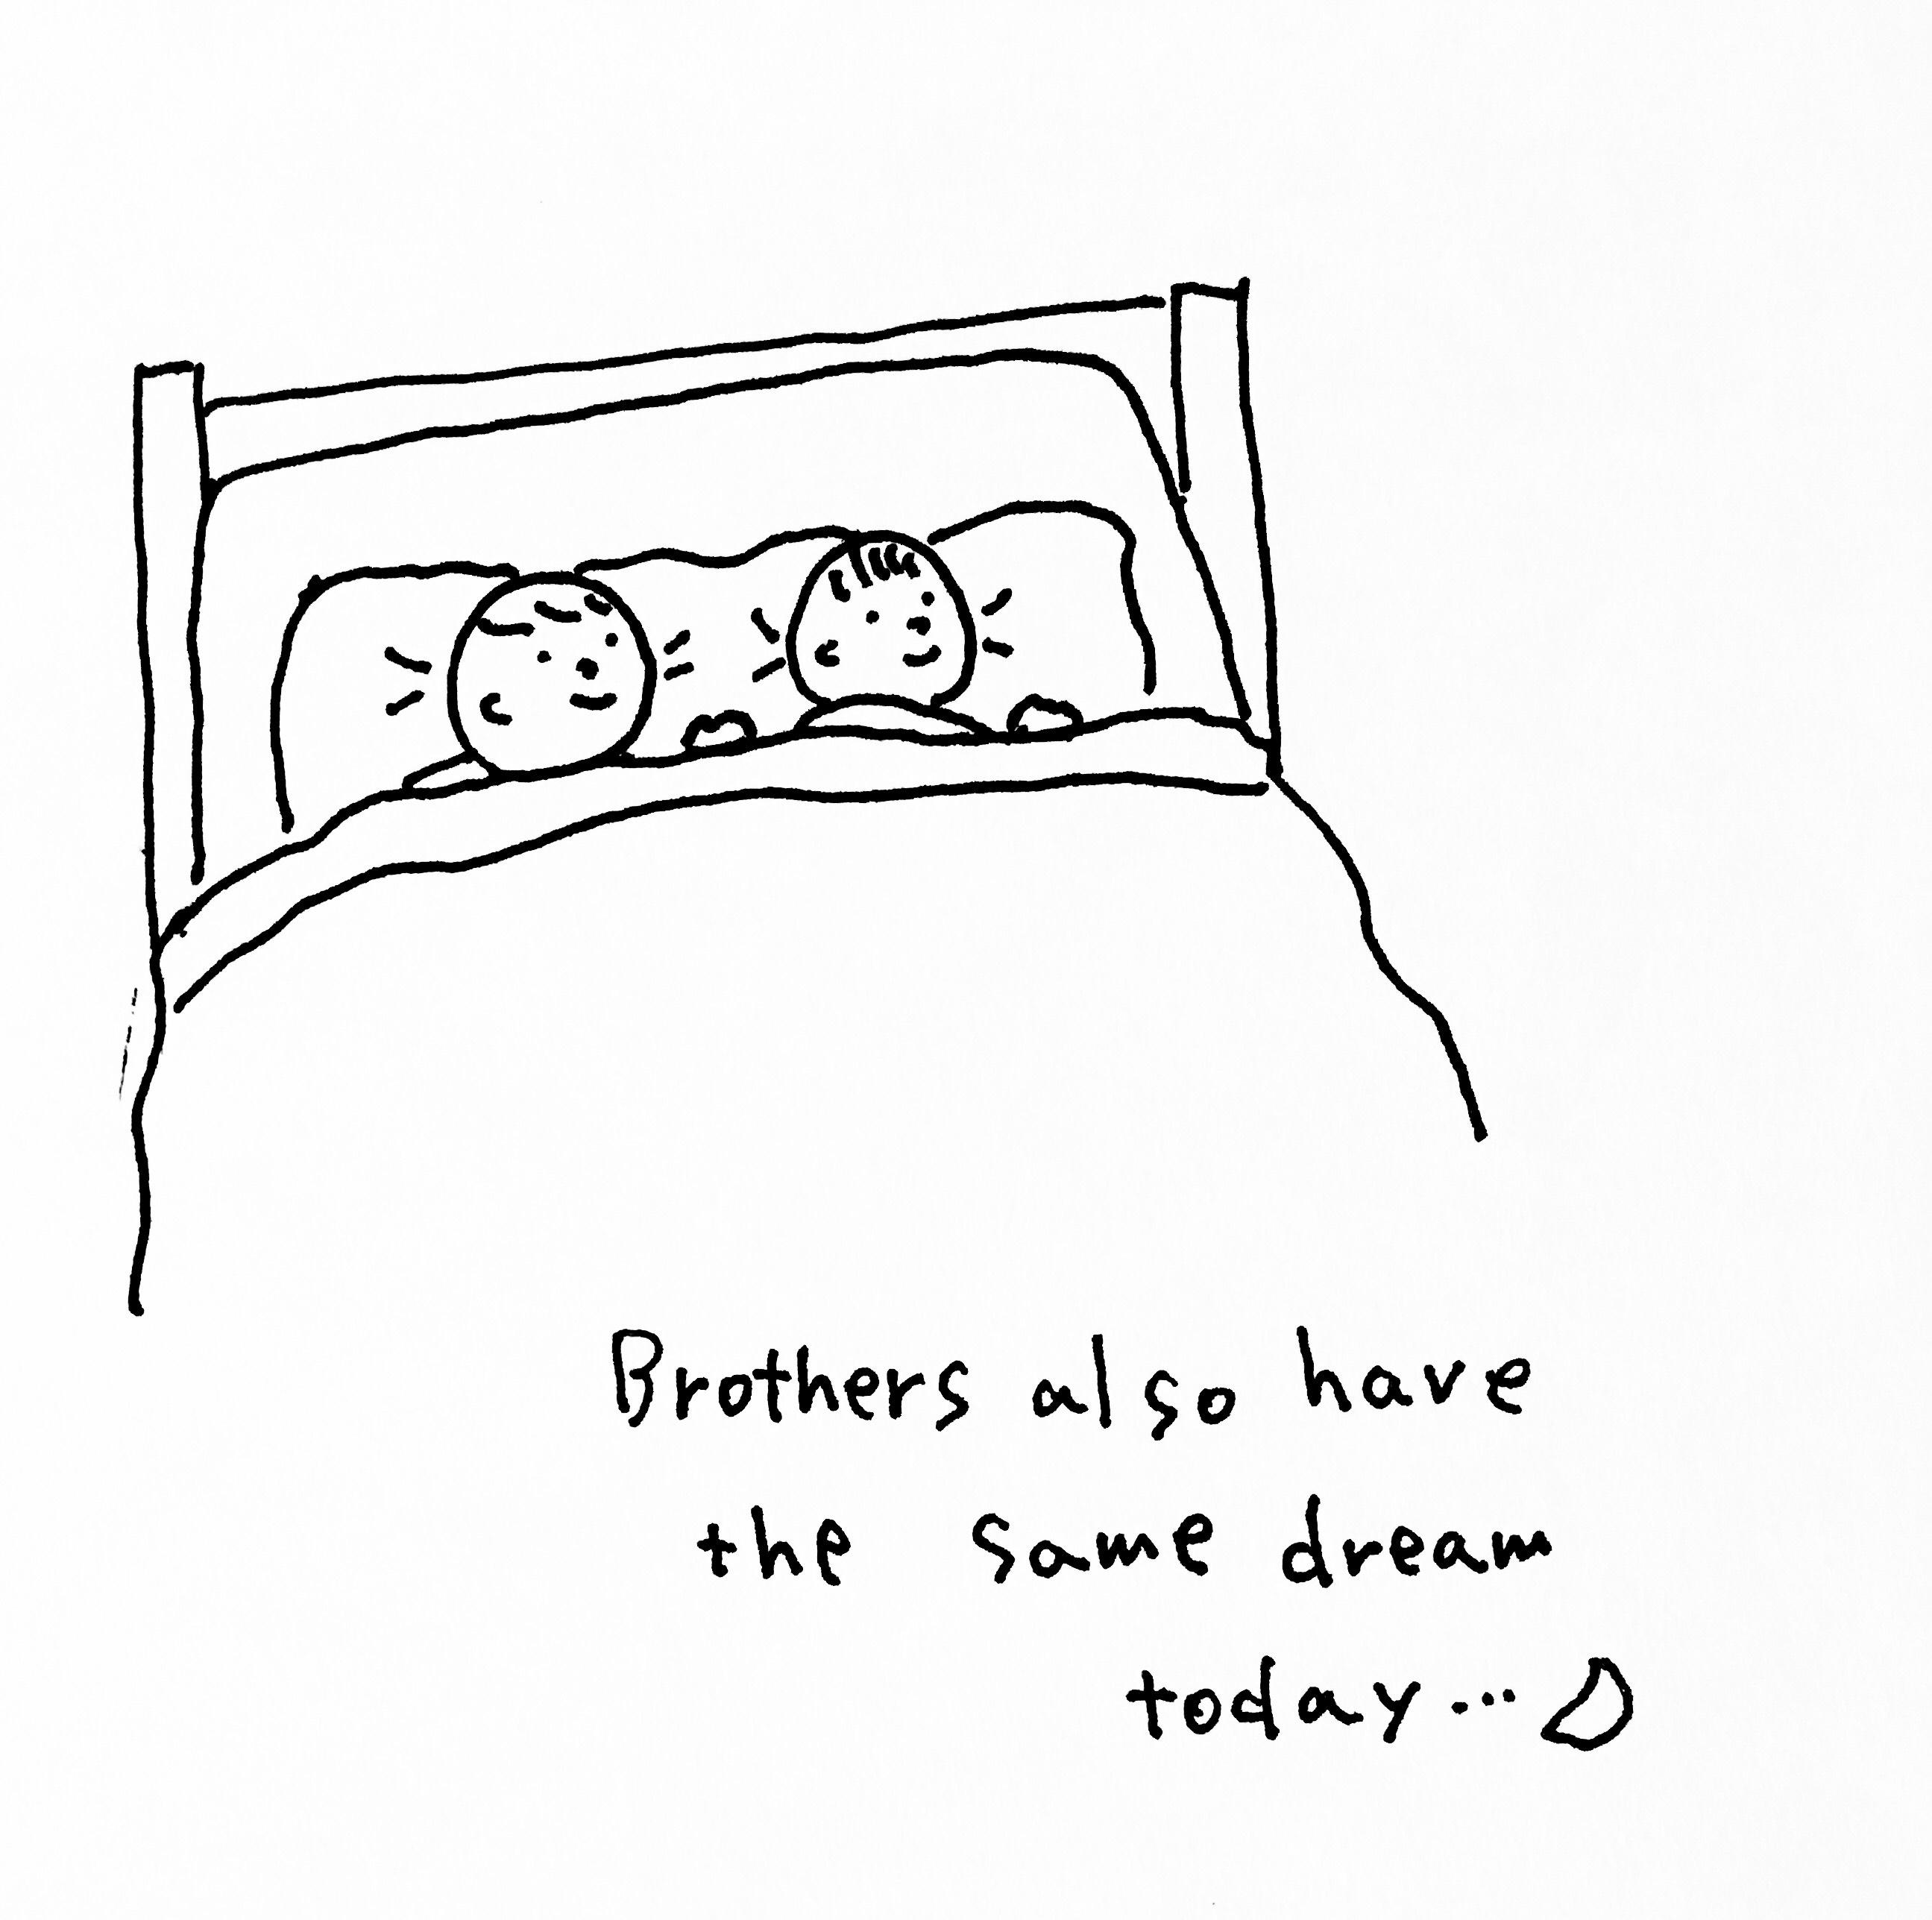 おなじ夢をみる